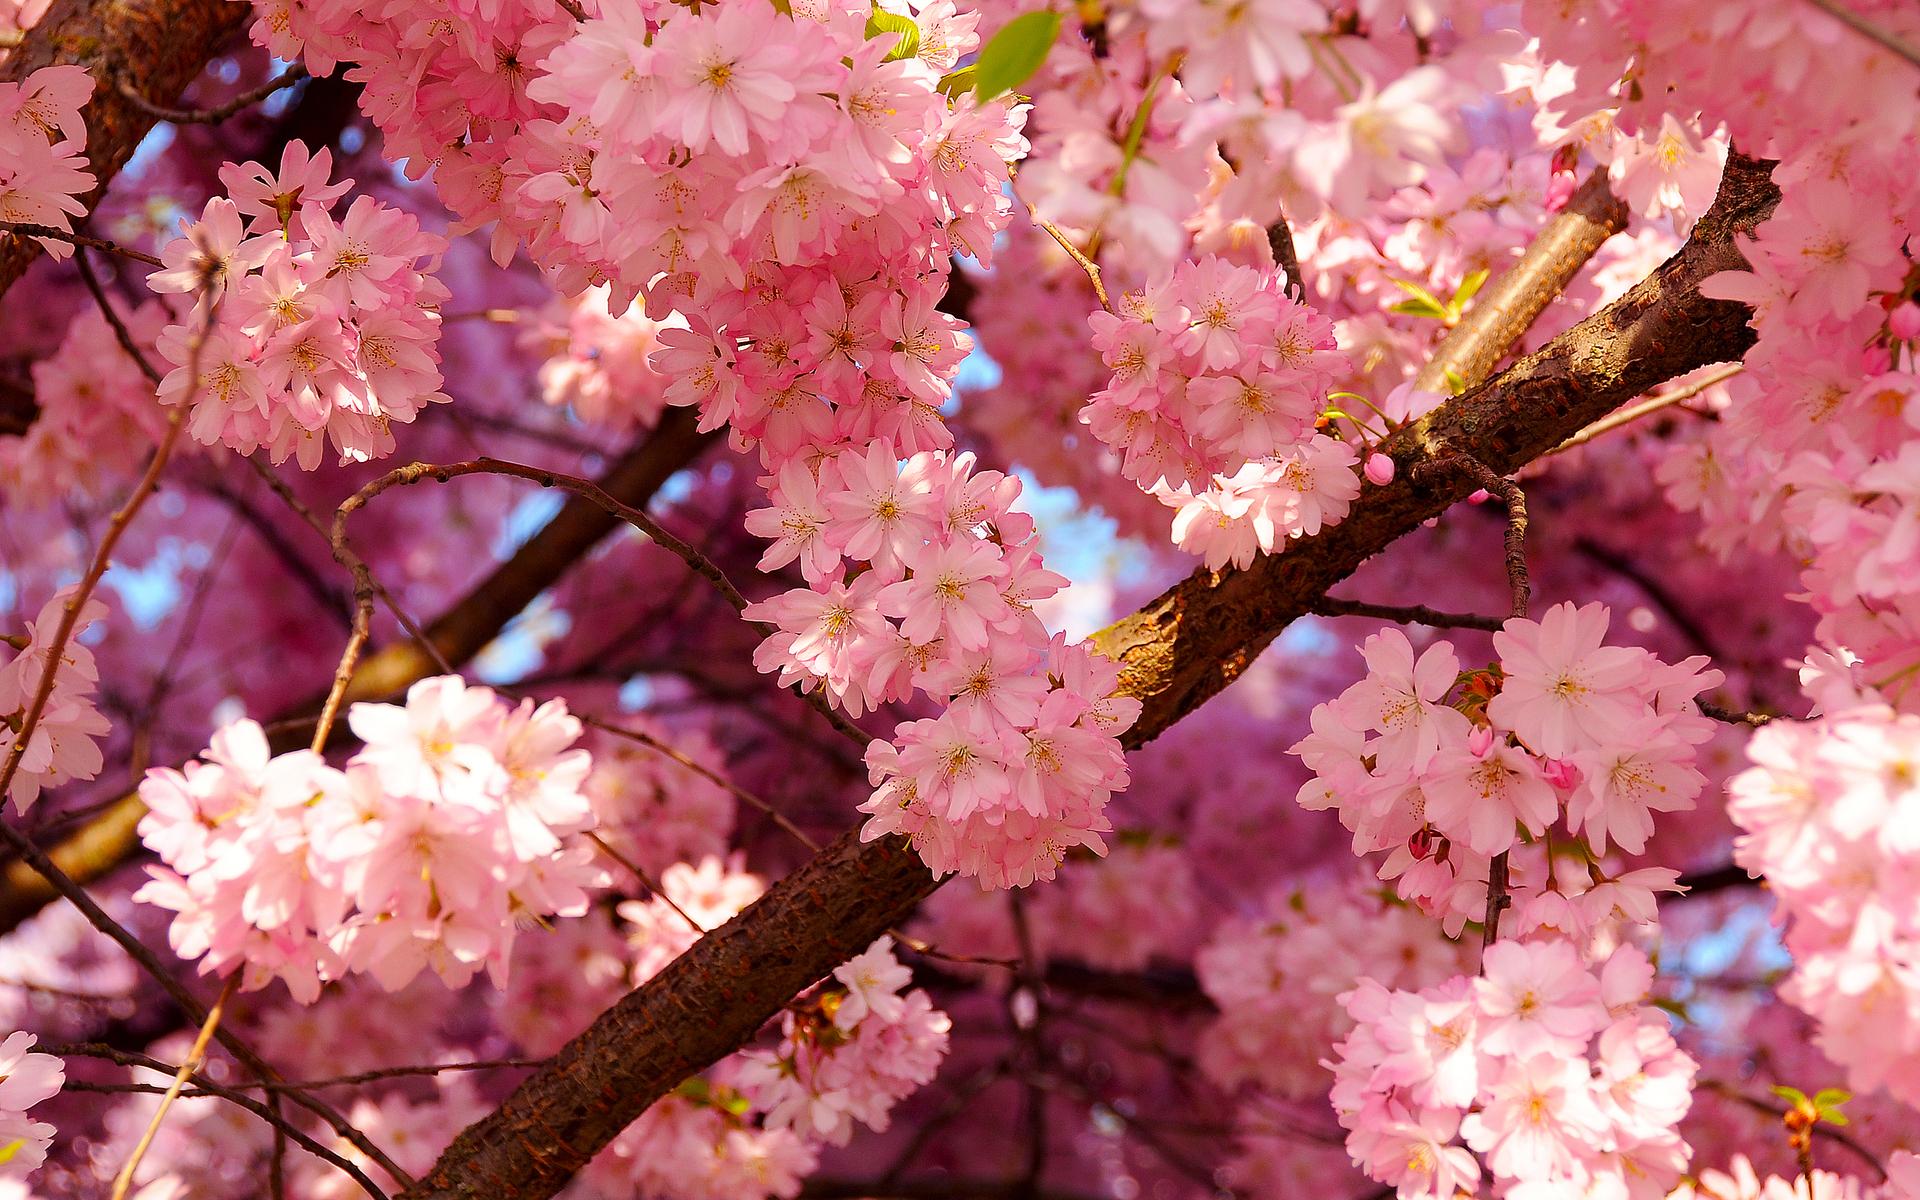 41520 скачать обои Природа, Пейзаж, Растения - заставки и картинки бесплатно